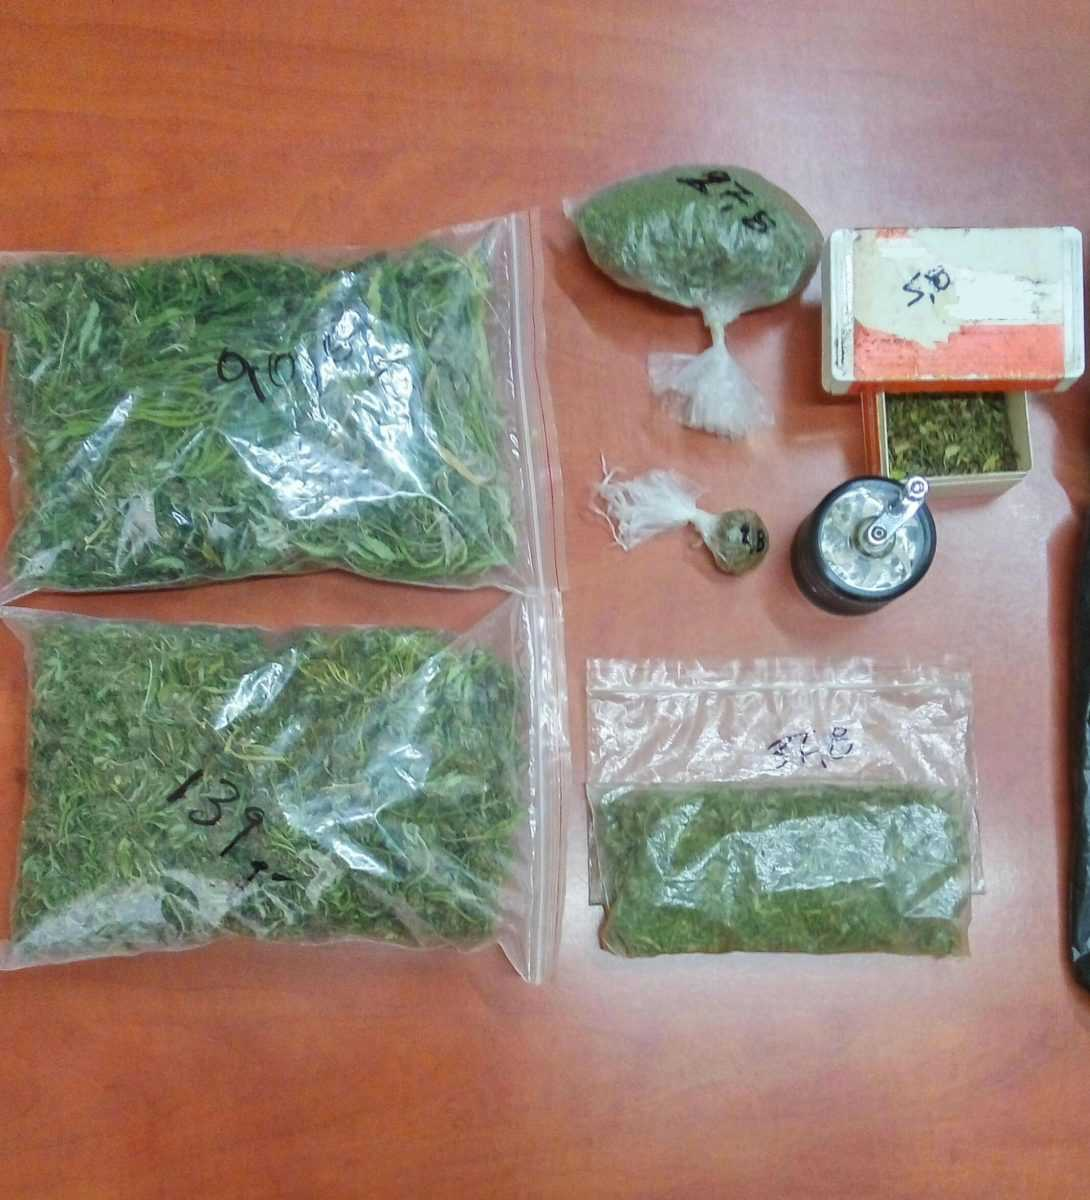 Συνελήφθησαν -2- ημεδαποί σε περιοχή της Κοζάνης για καλλιέργεια και κατοχή ναρκωτικών  Κατασχέθηκαν -480,8- γραμμάρια κάνναβης και -4- δενδρύλλια κάνναβης